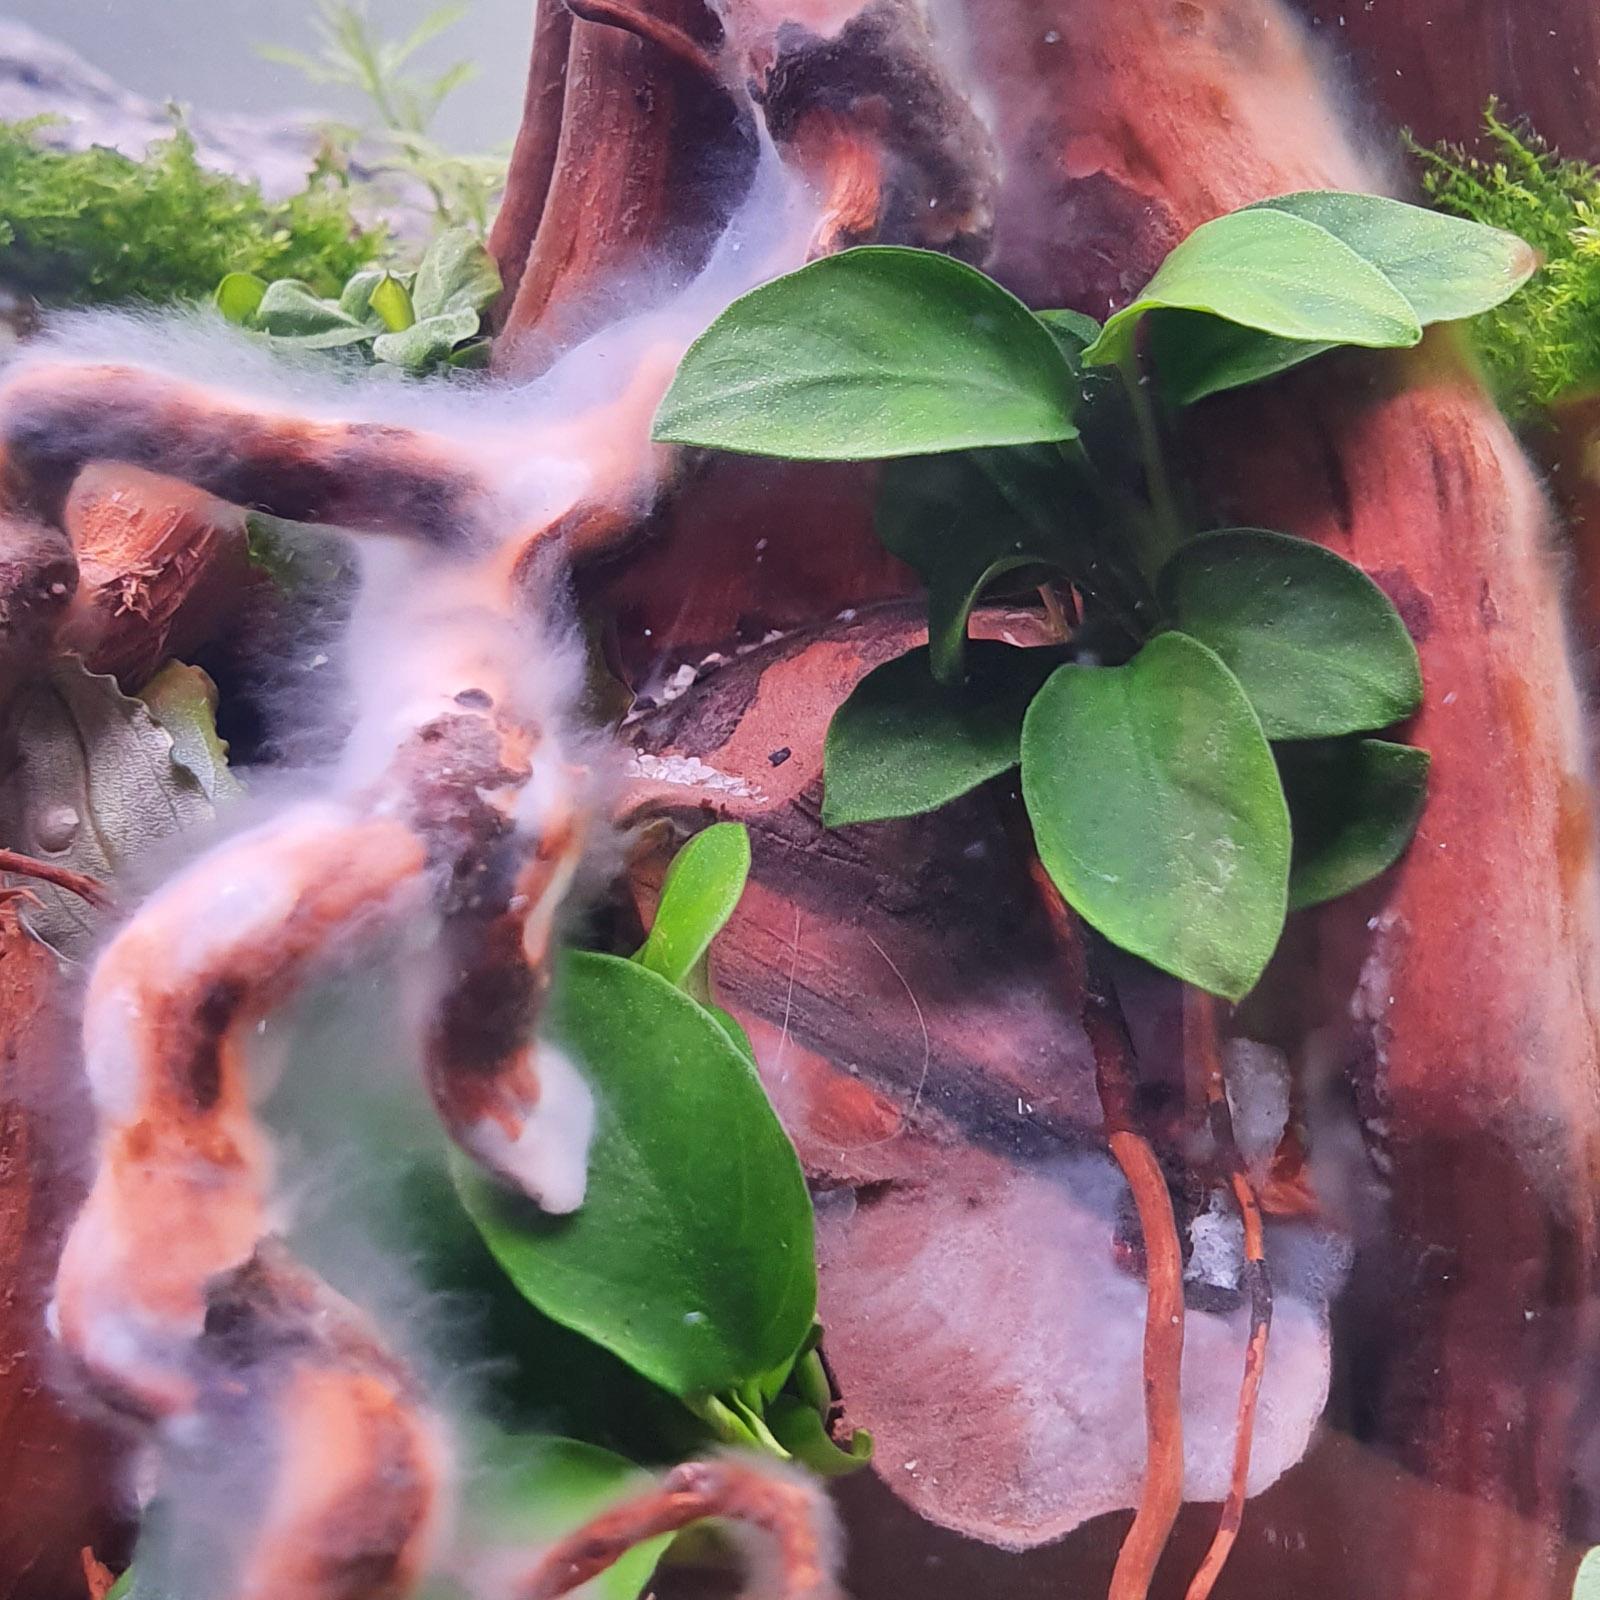 Bakterienrasen auf Moorkienwurzel